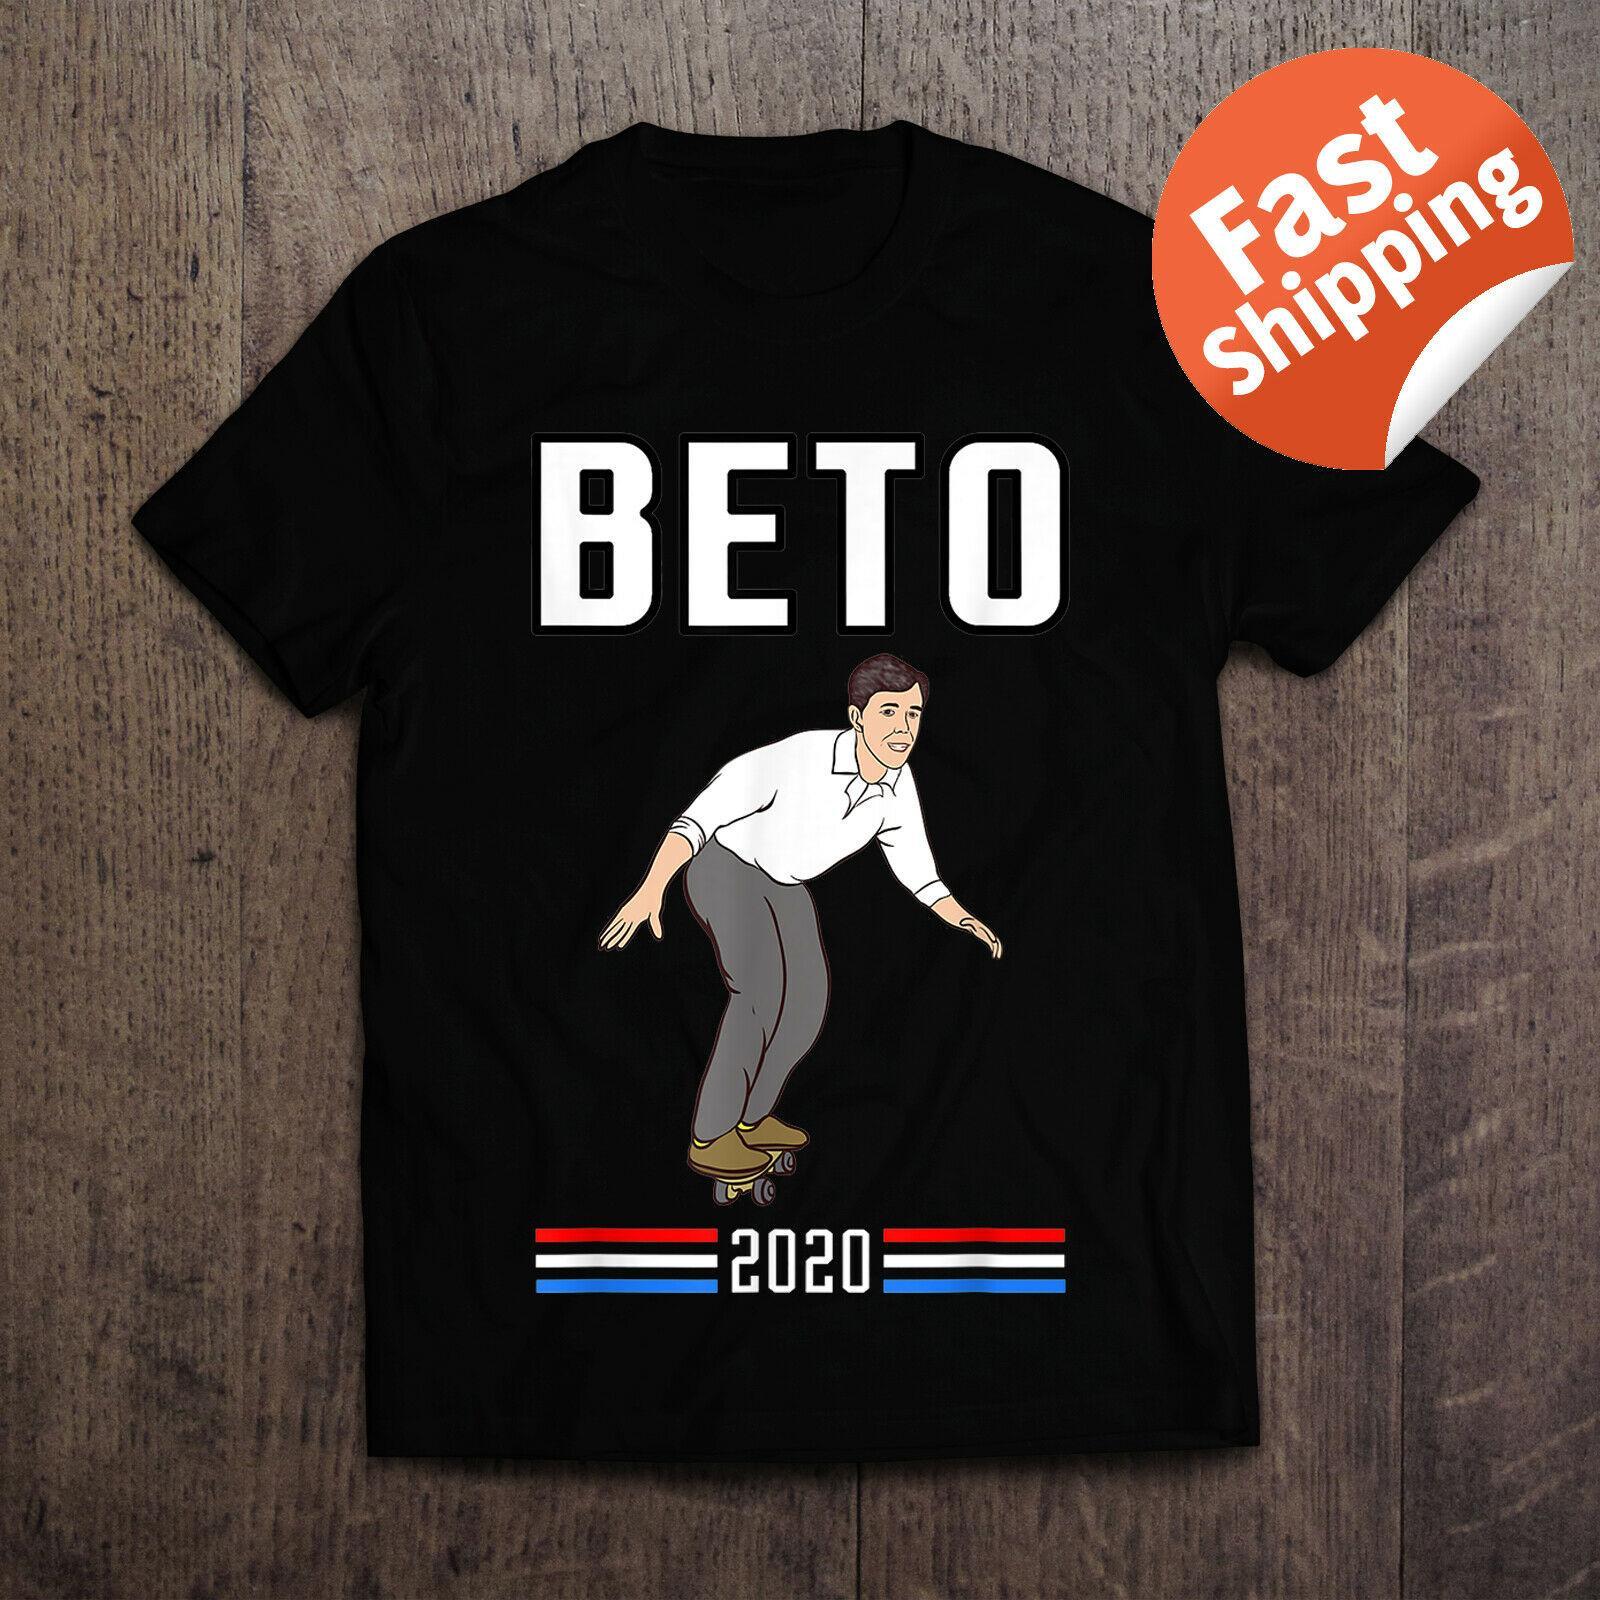 Beto O'Rourke pour le président shirt Beto Skateboard T-shirt style très populaire Hommes Slim Fit Coton de haute qualité du film T-shirts